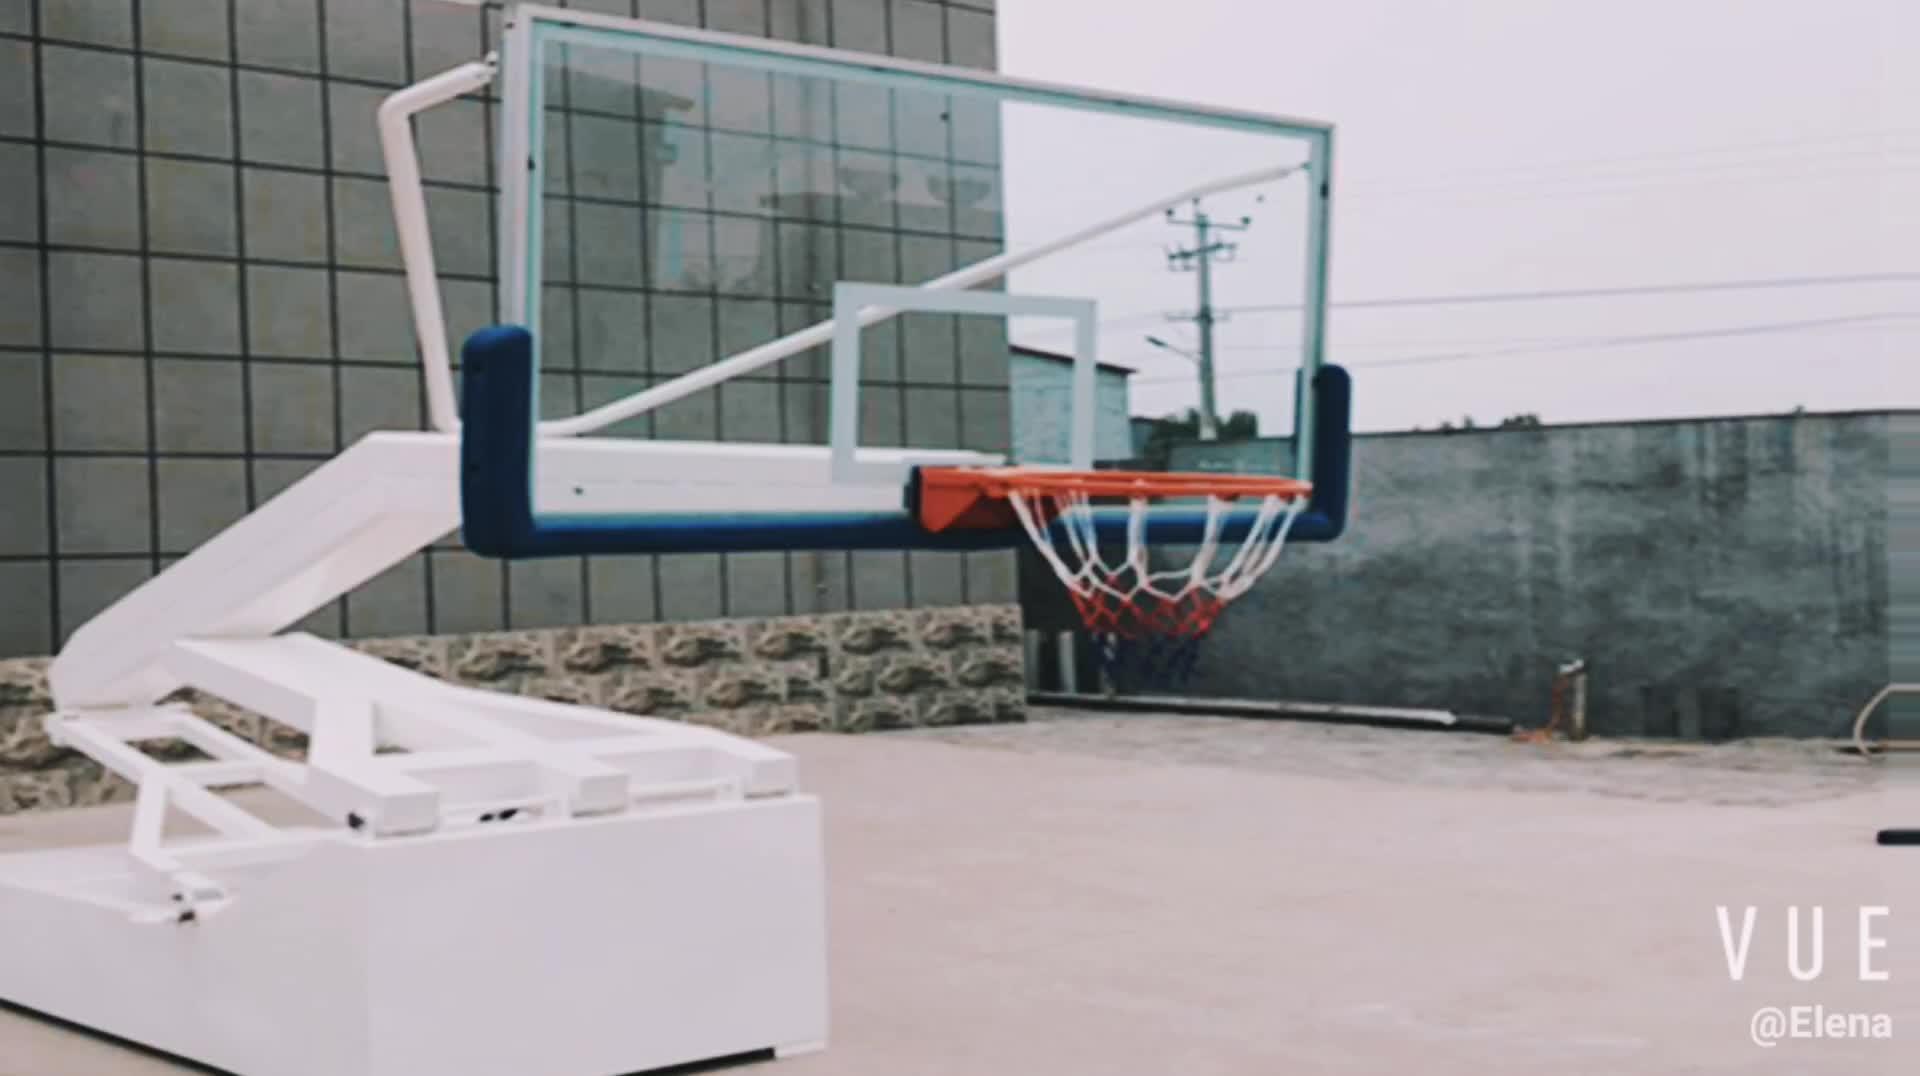 Cesta de basquete cesta de basquete